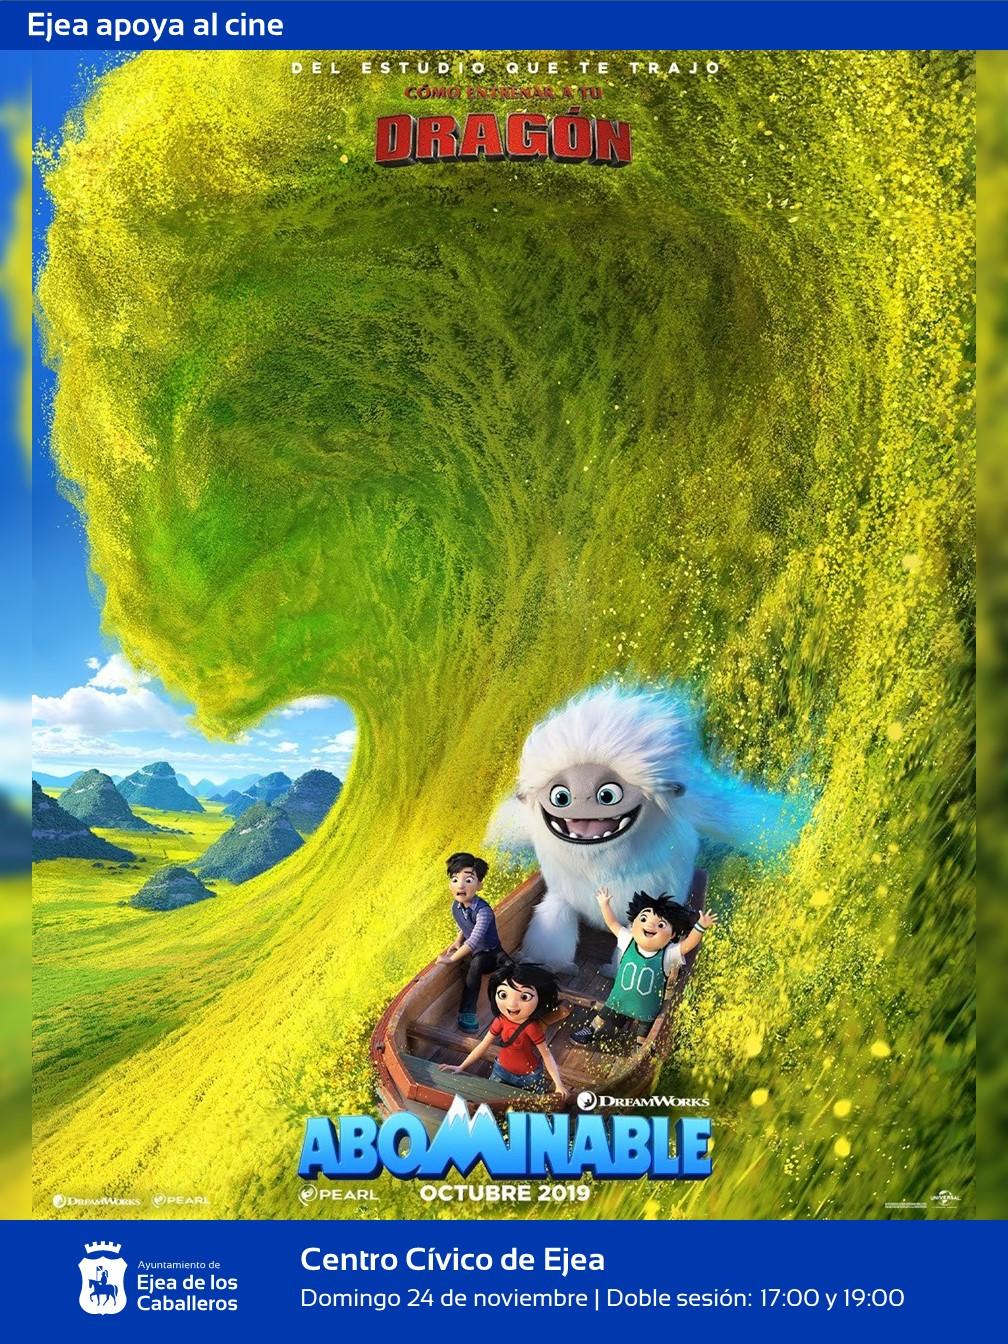 Ejea apoya el Cine: «ABOMINABLE», una simpática película de monstruos para la tarde del domingo